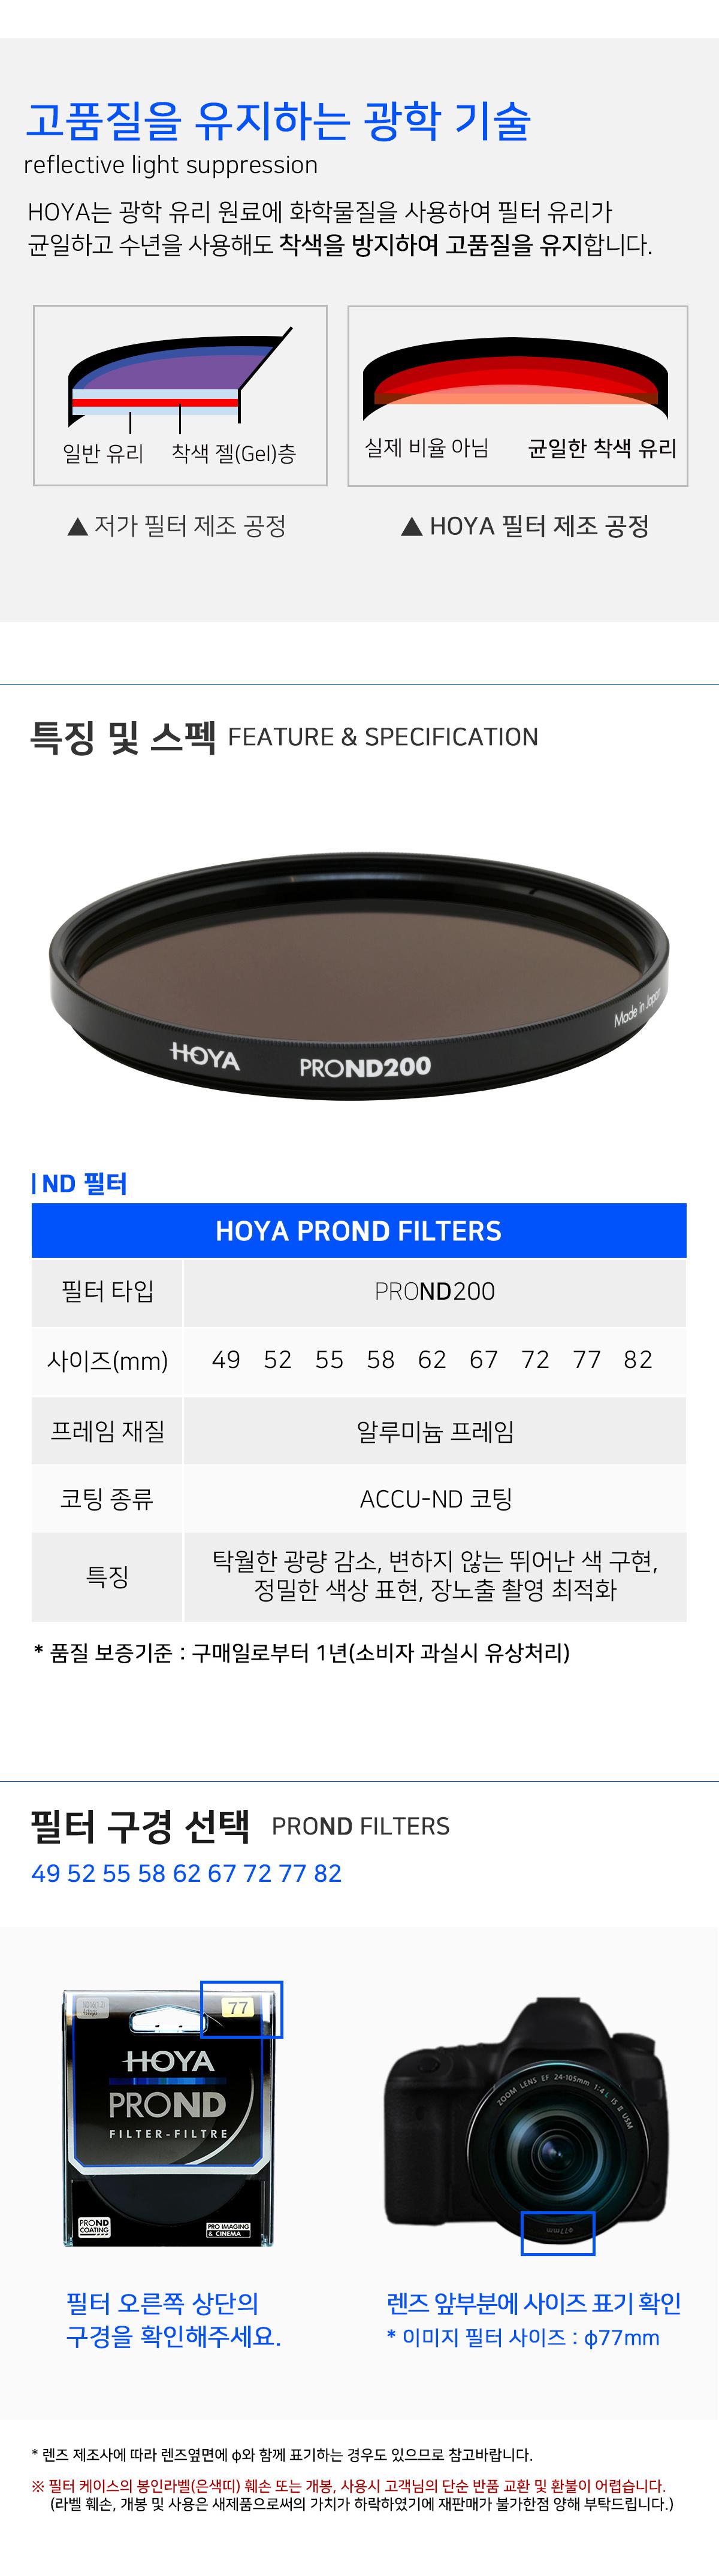 PROND200_05.jpg